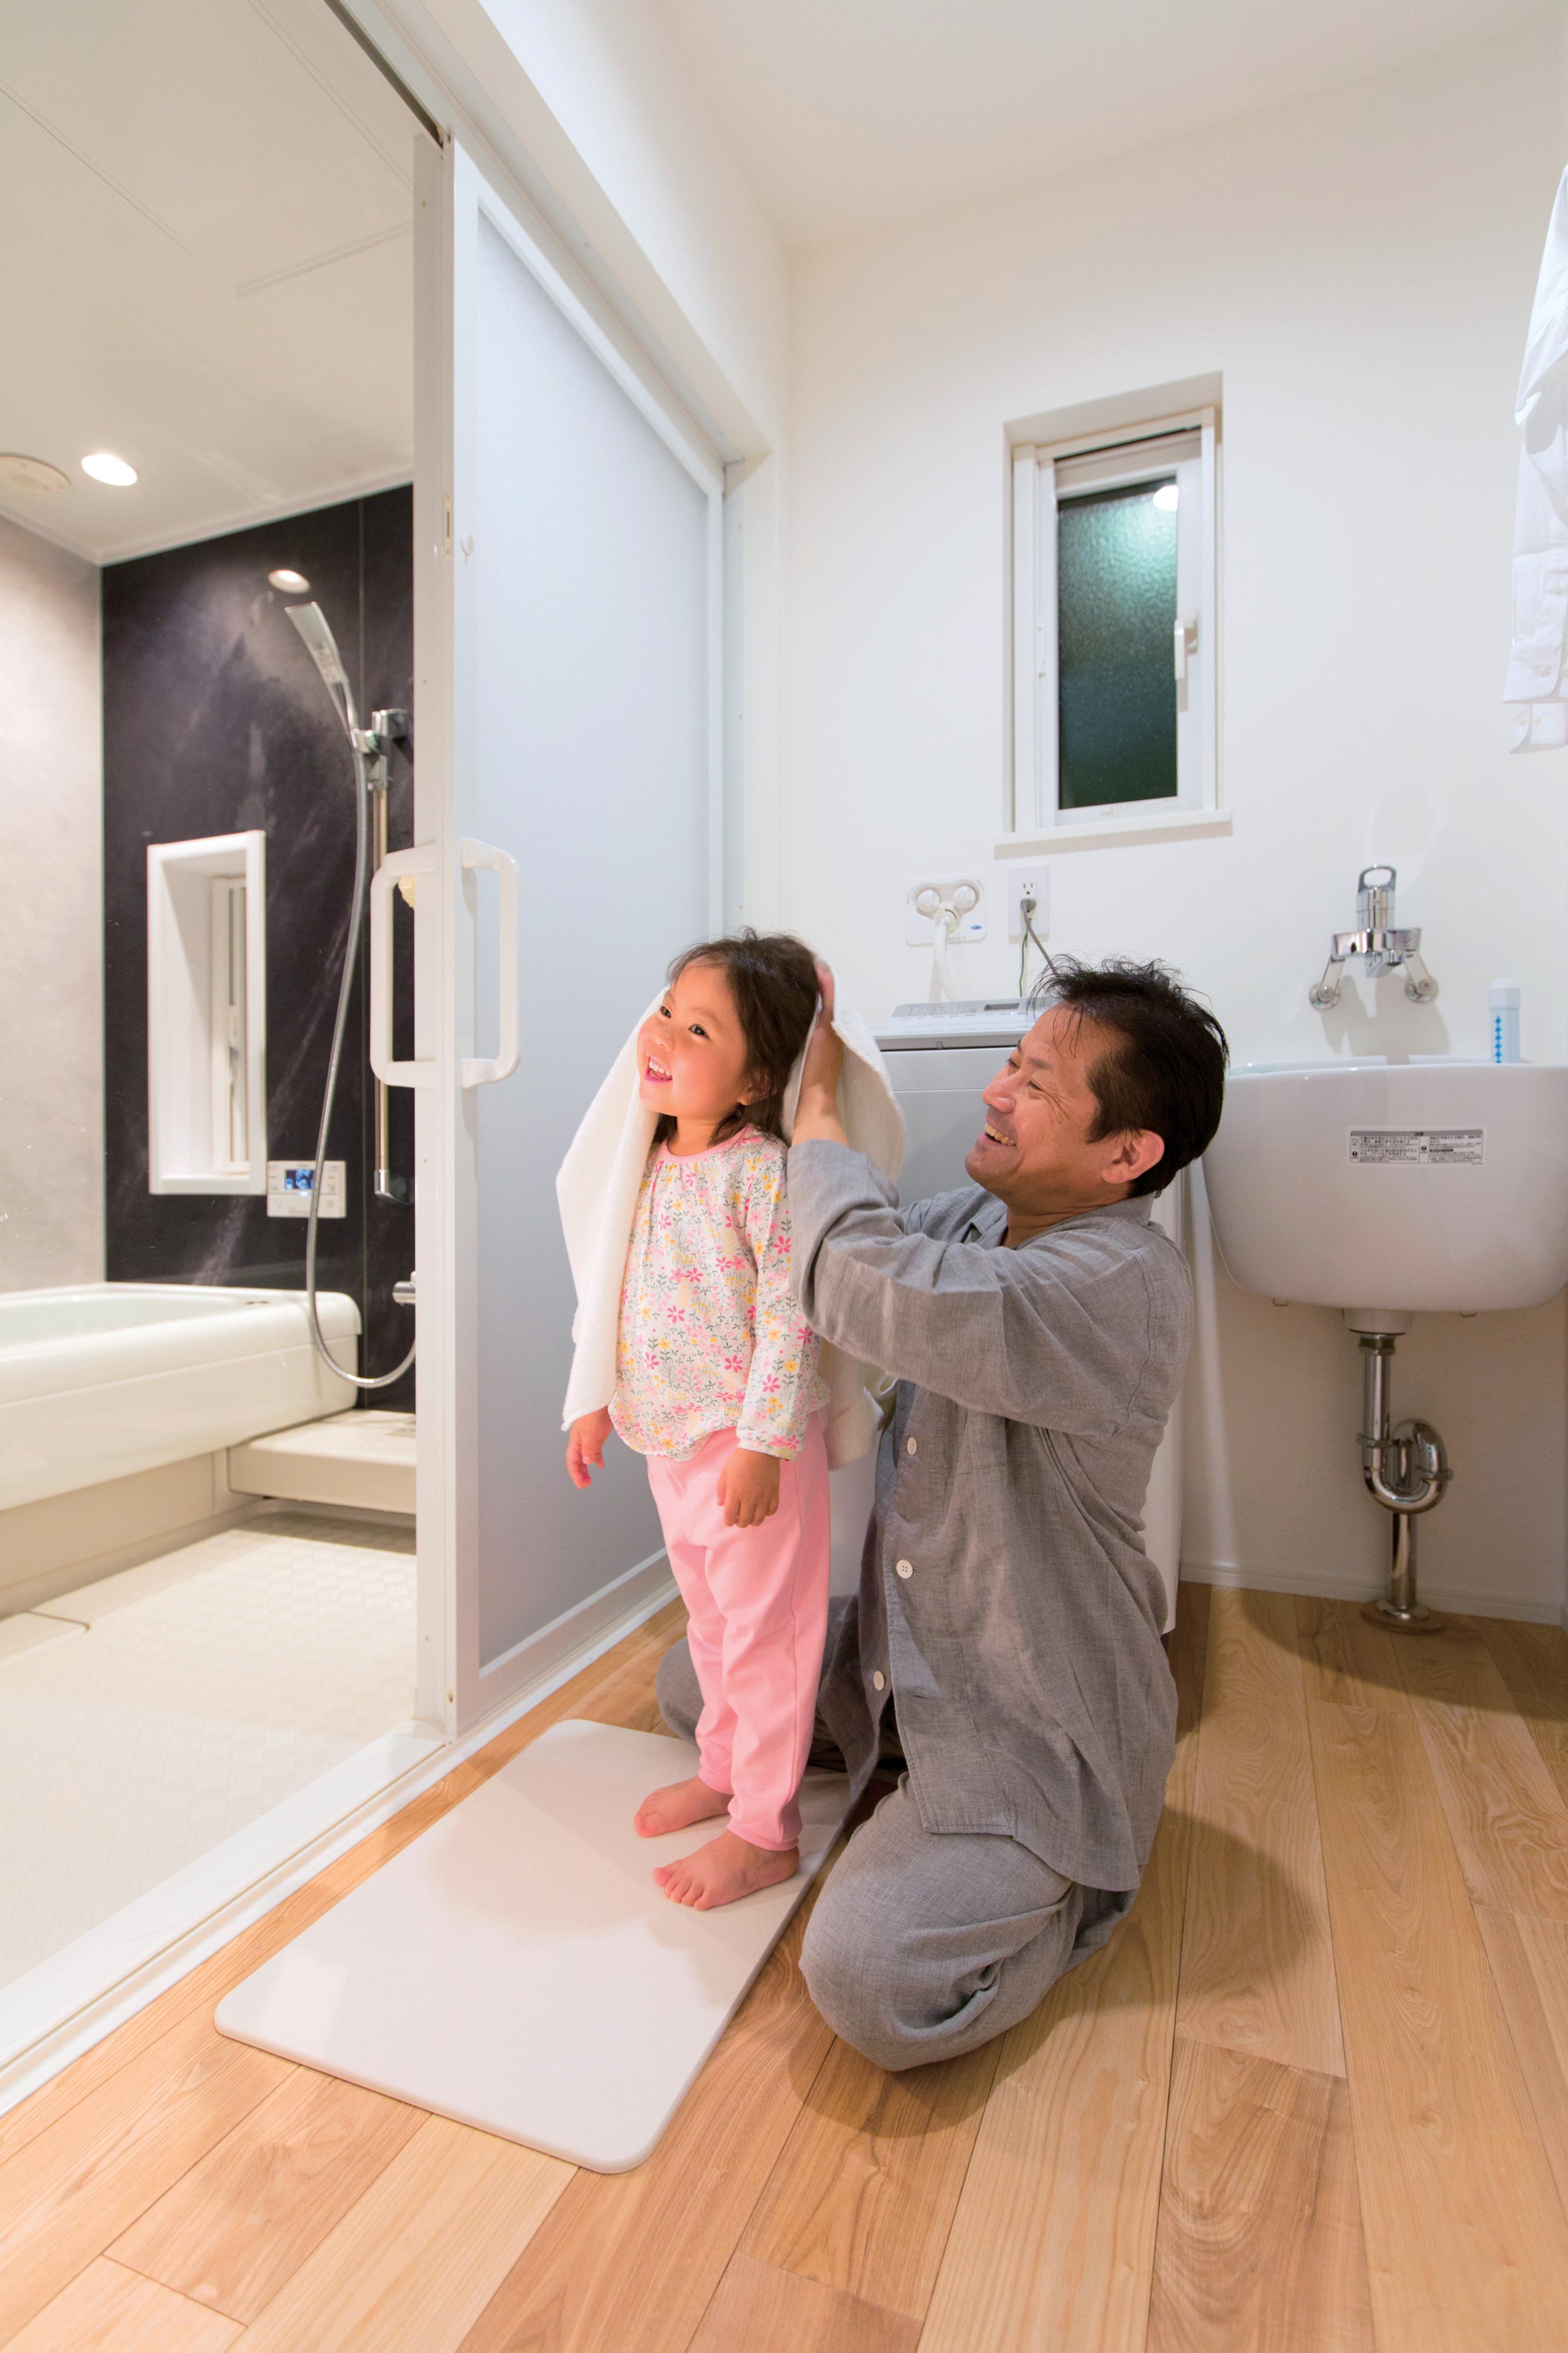 ユートピア建設【岡崎市大門5丁目2番地・モデルハウス】全室一定の快適温度なので、お風呂から出た際に発生の可能性があるヒートショック現象への対策もバッチリ